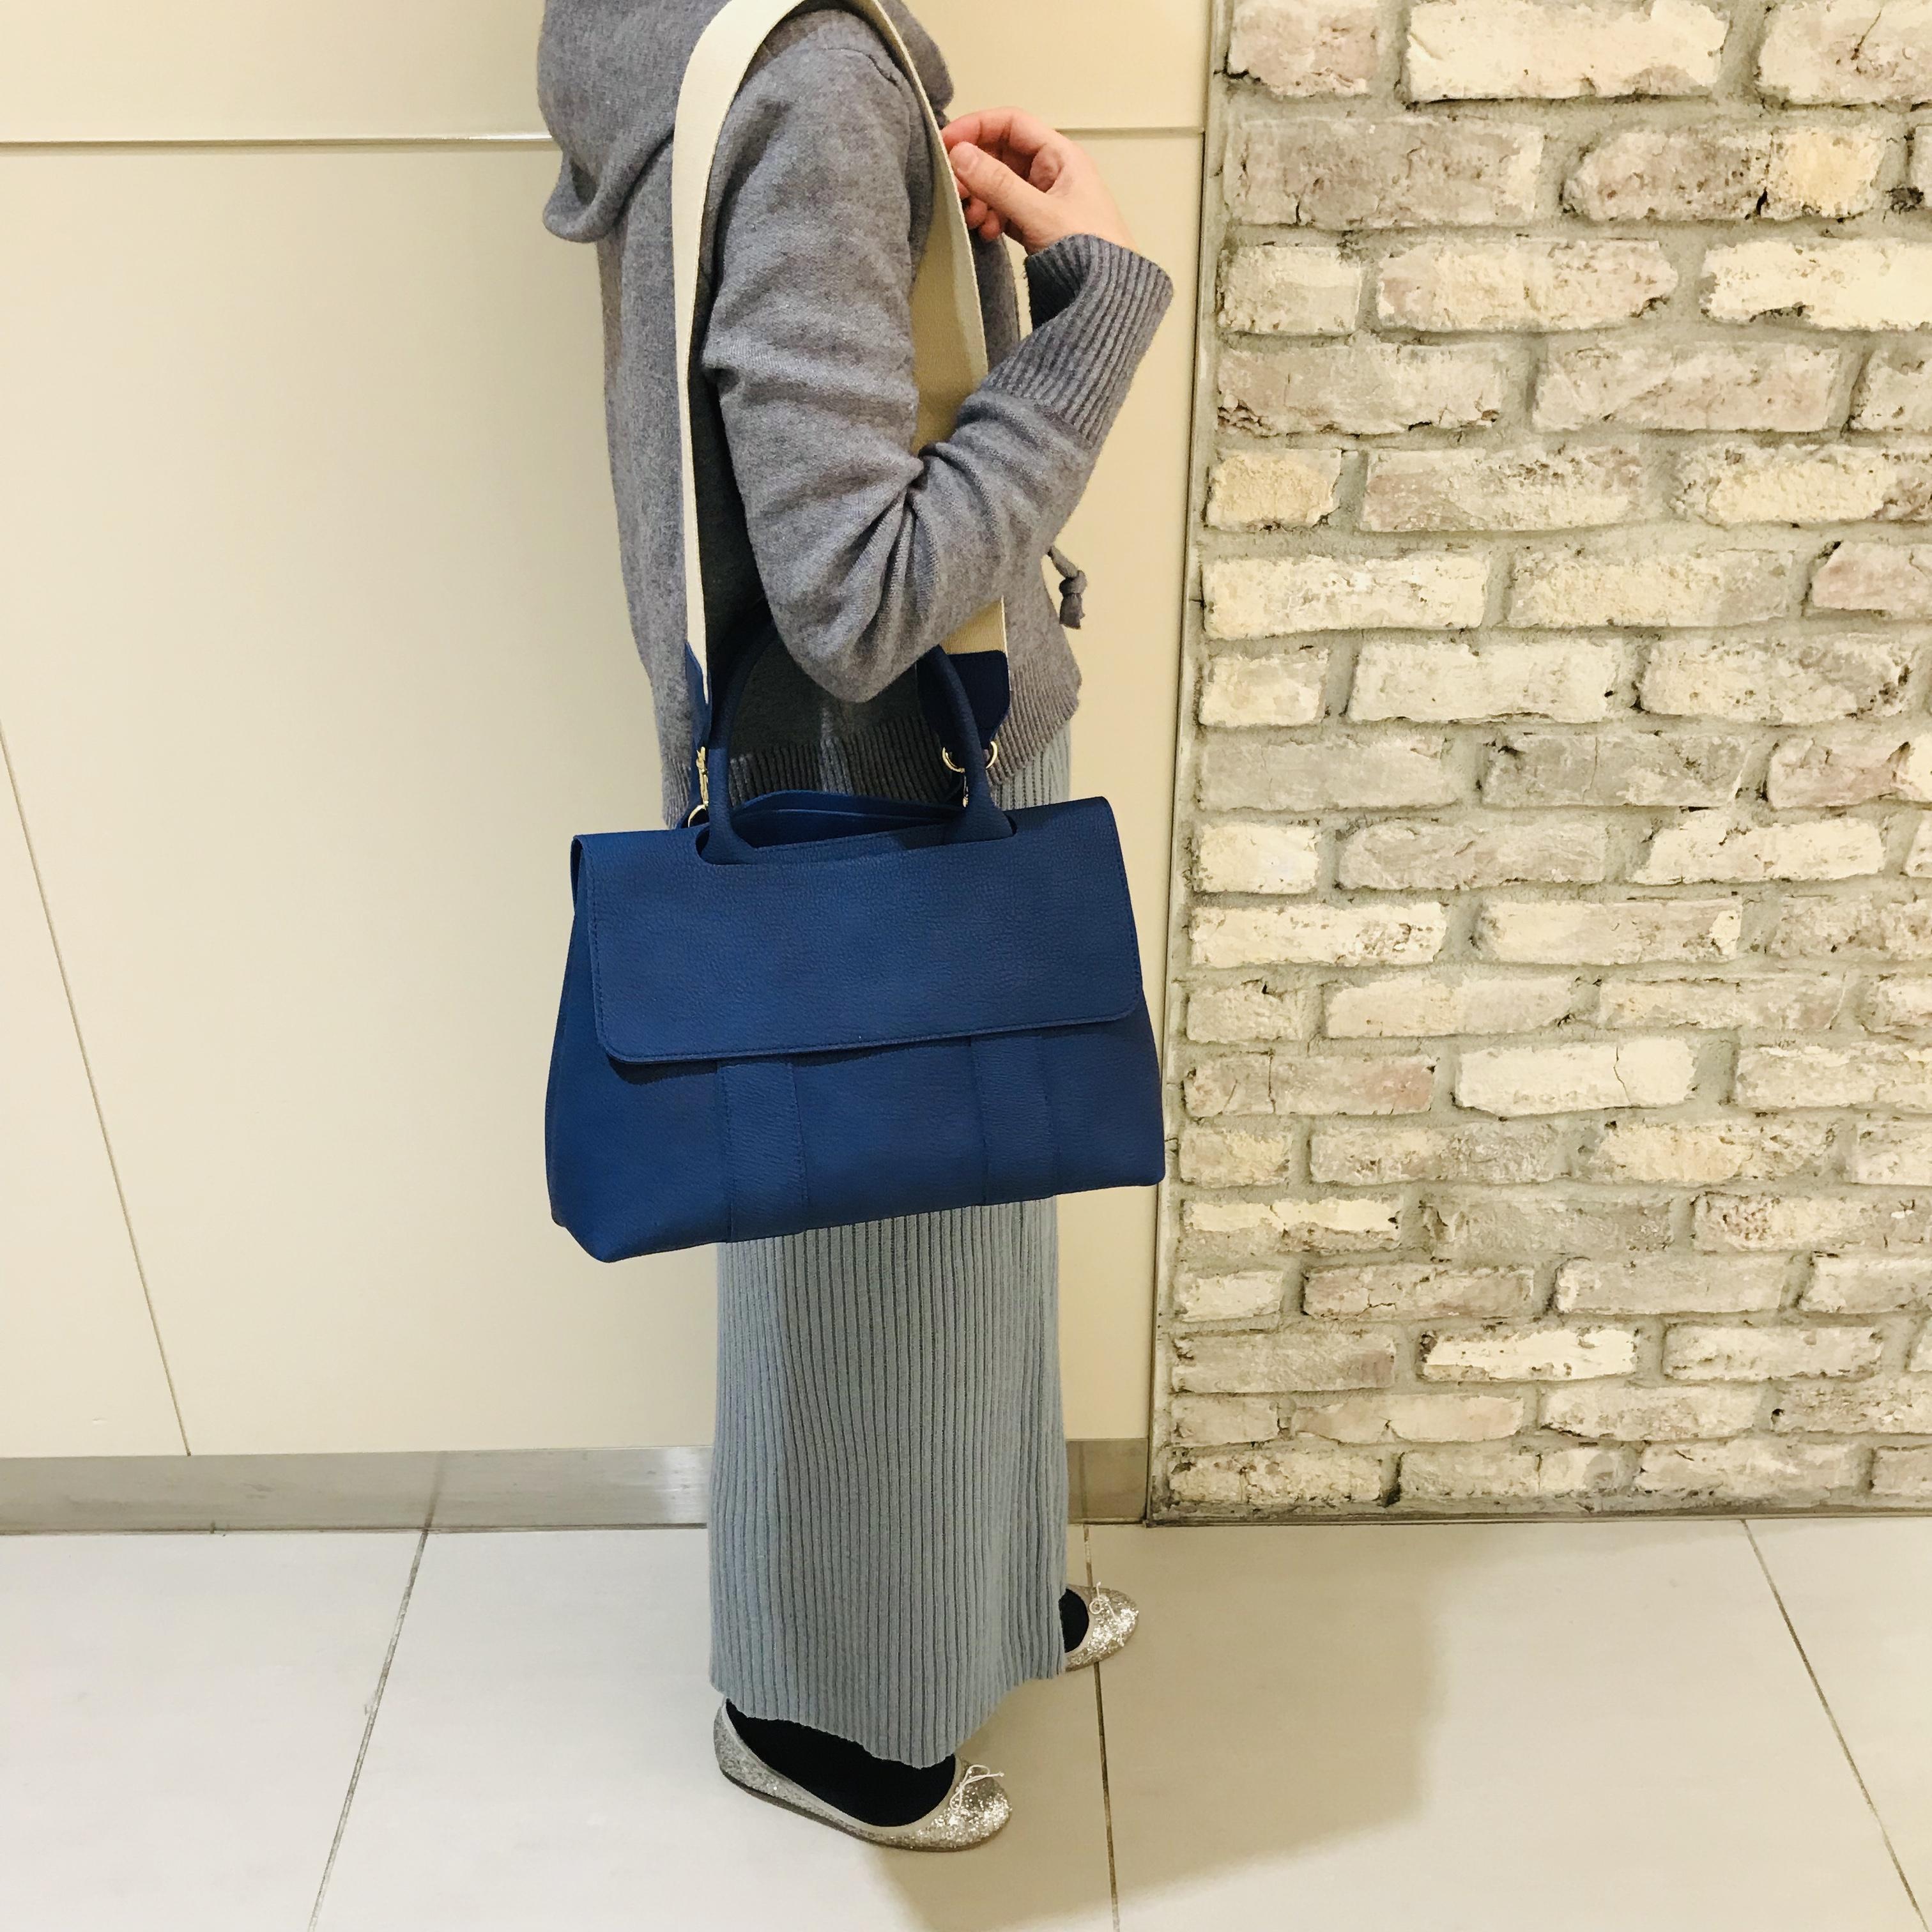 ScrapBook スクラップブック bag バッグ